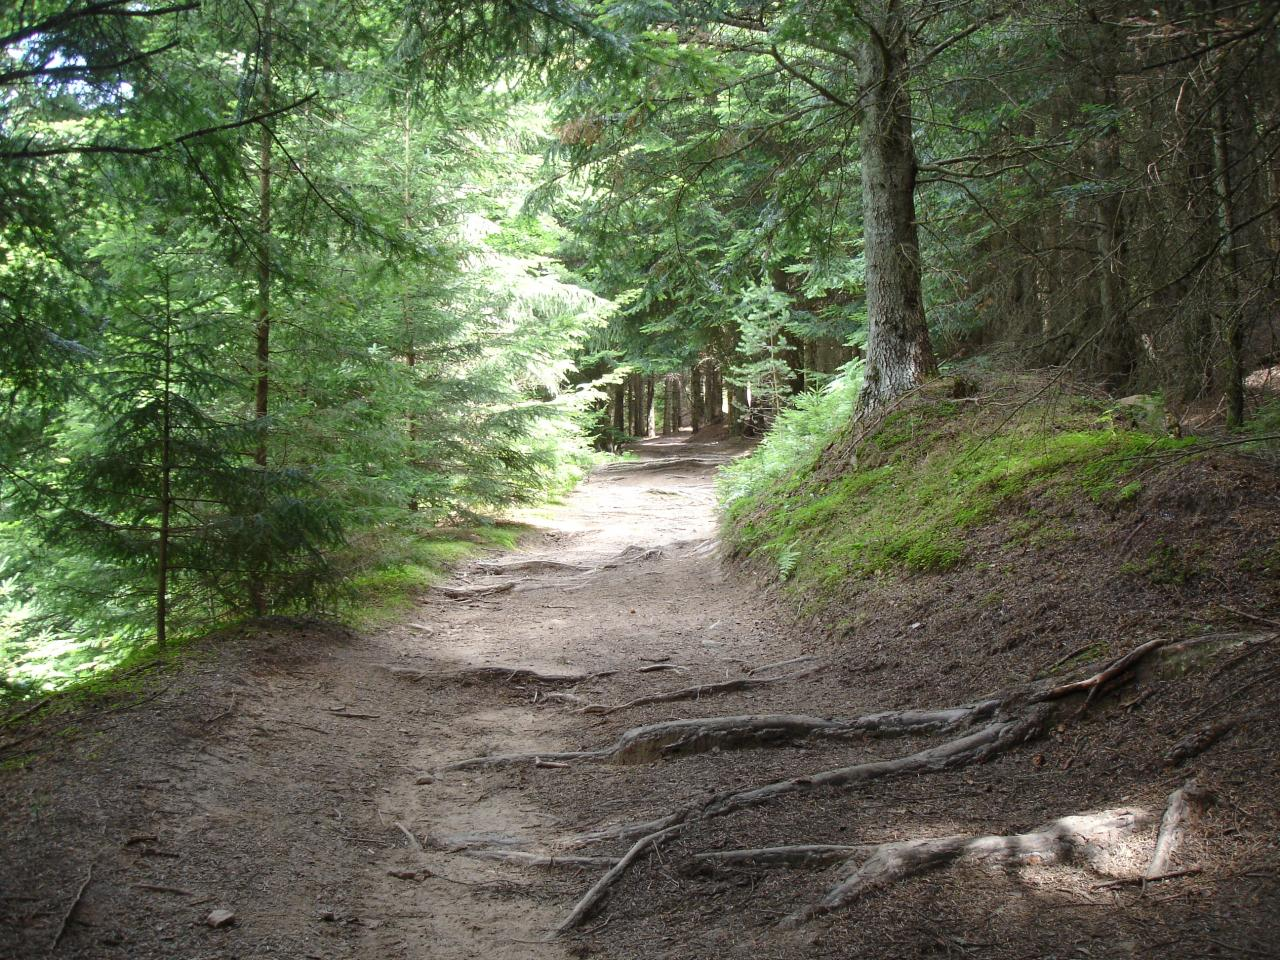 Sentier du tour du lac